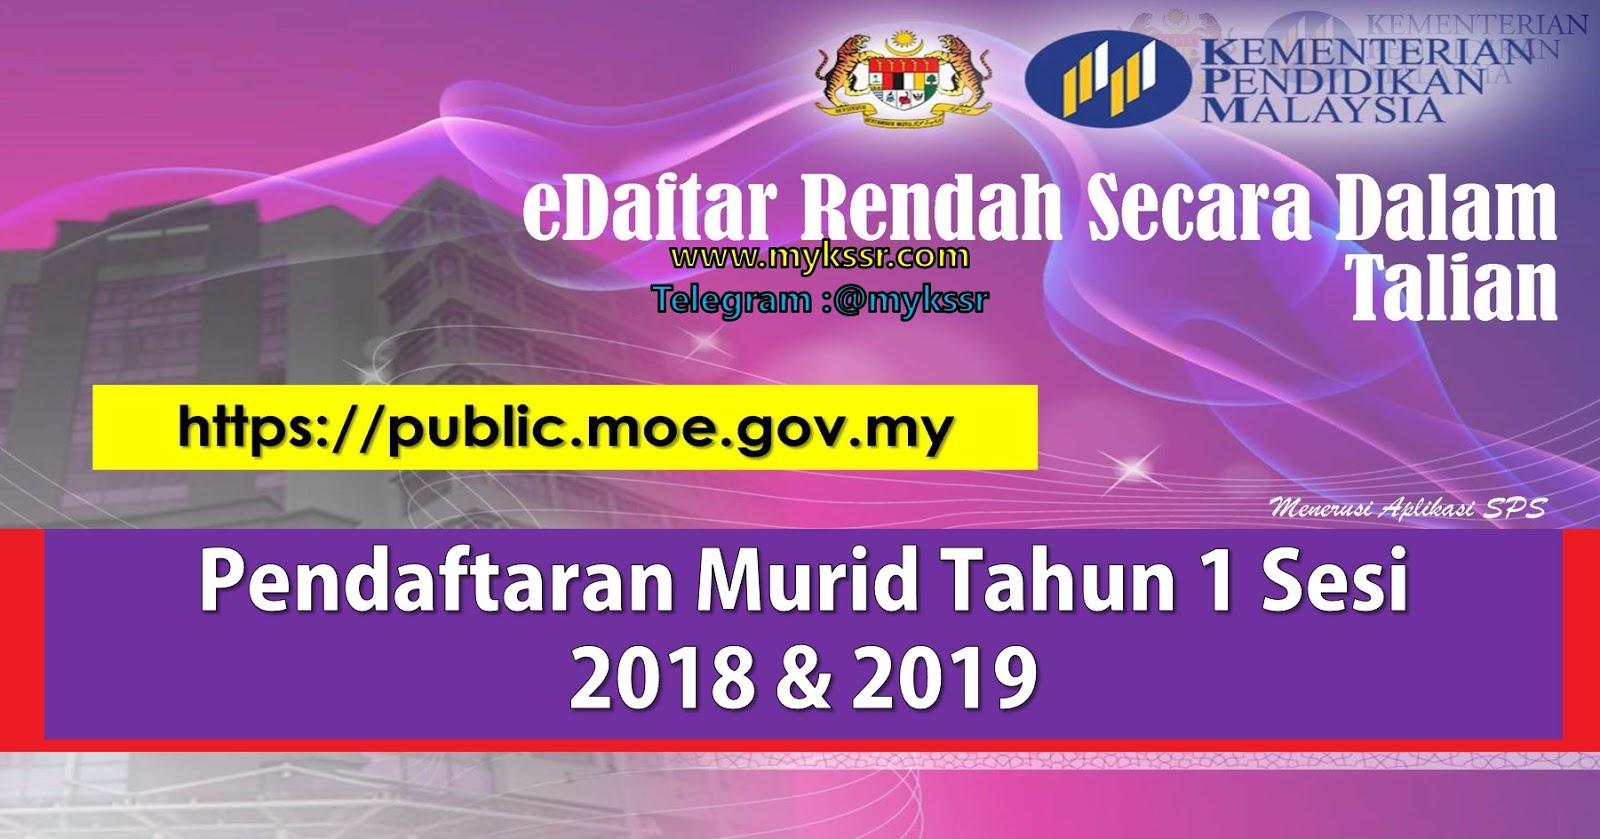 Pendaftaran Murid Tahun 1 Sesi 2018 & 2019 【Langkah